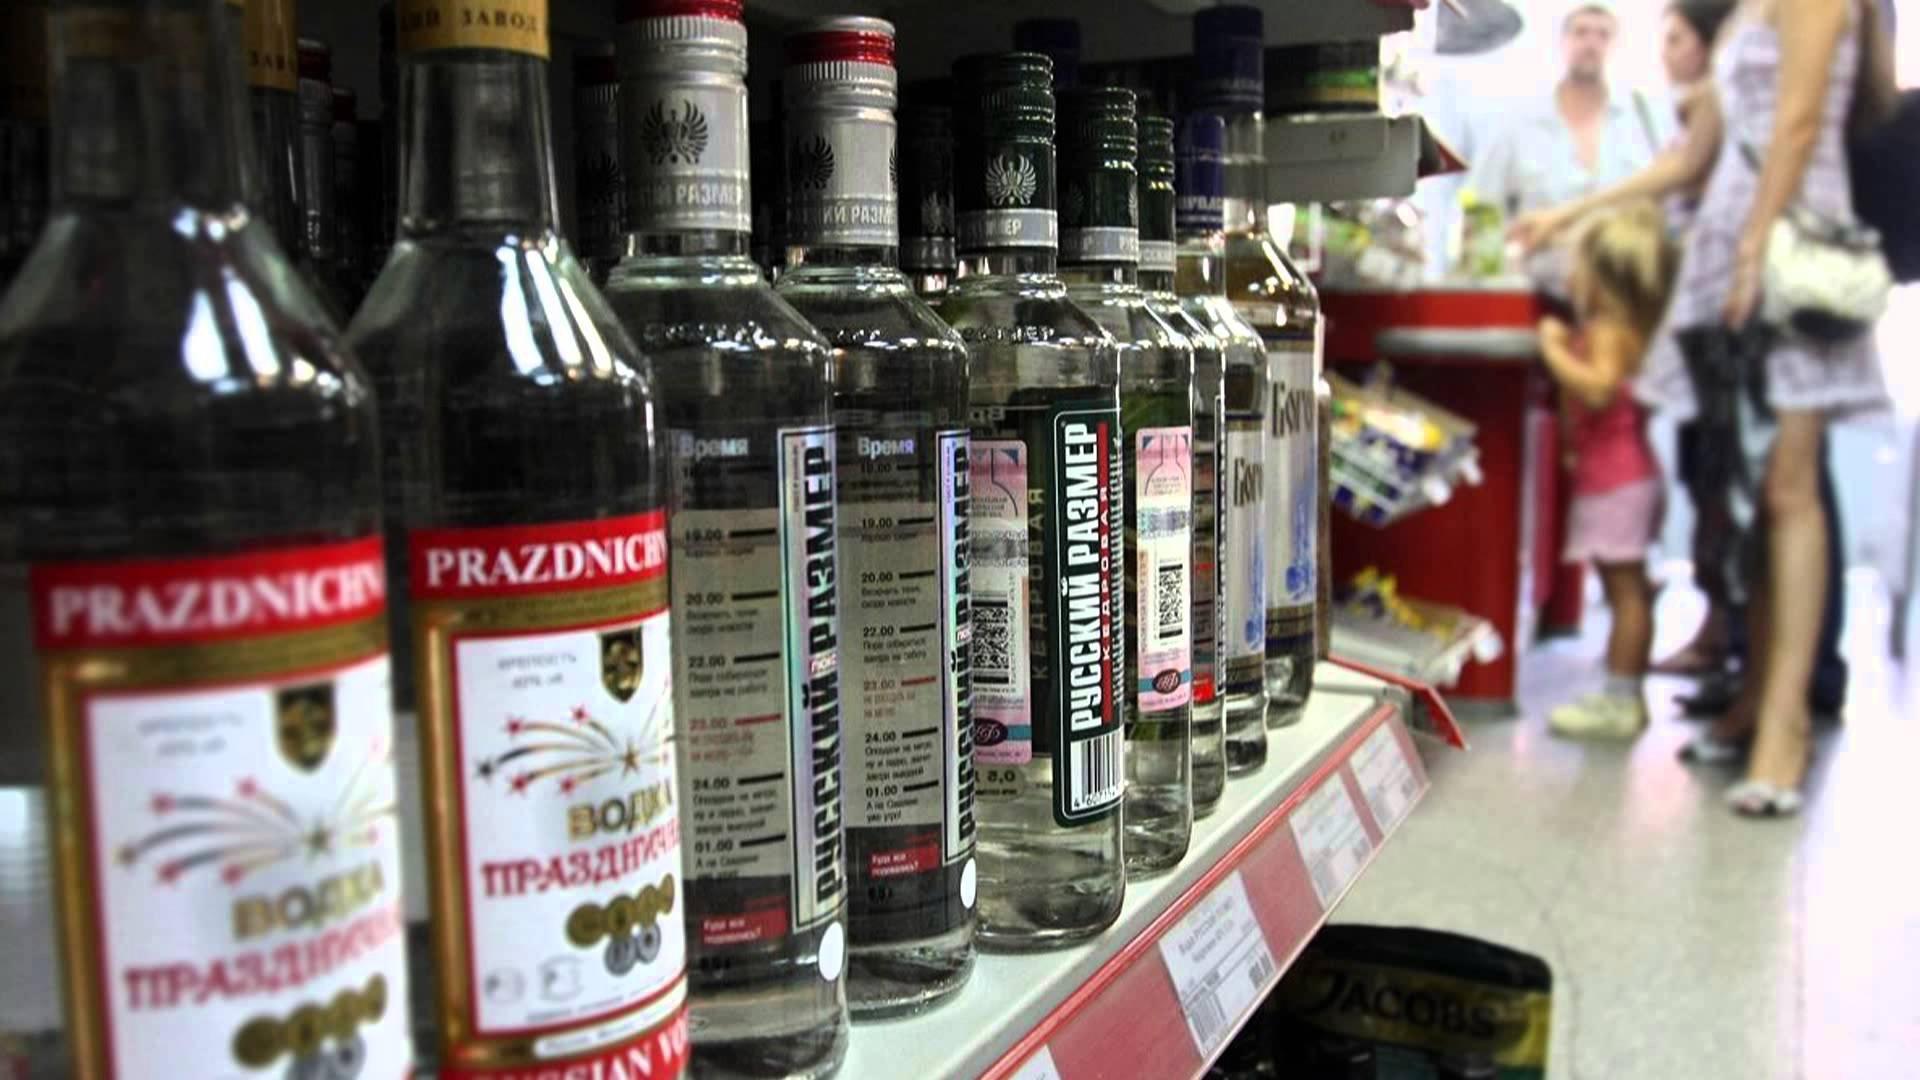 Лицензию на продажу алкоголя можно приостановить, а затем возобновить в Казахстане